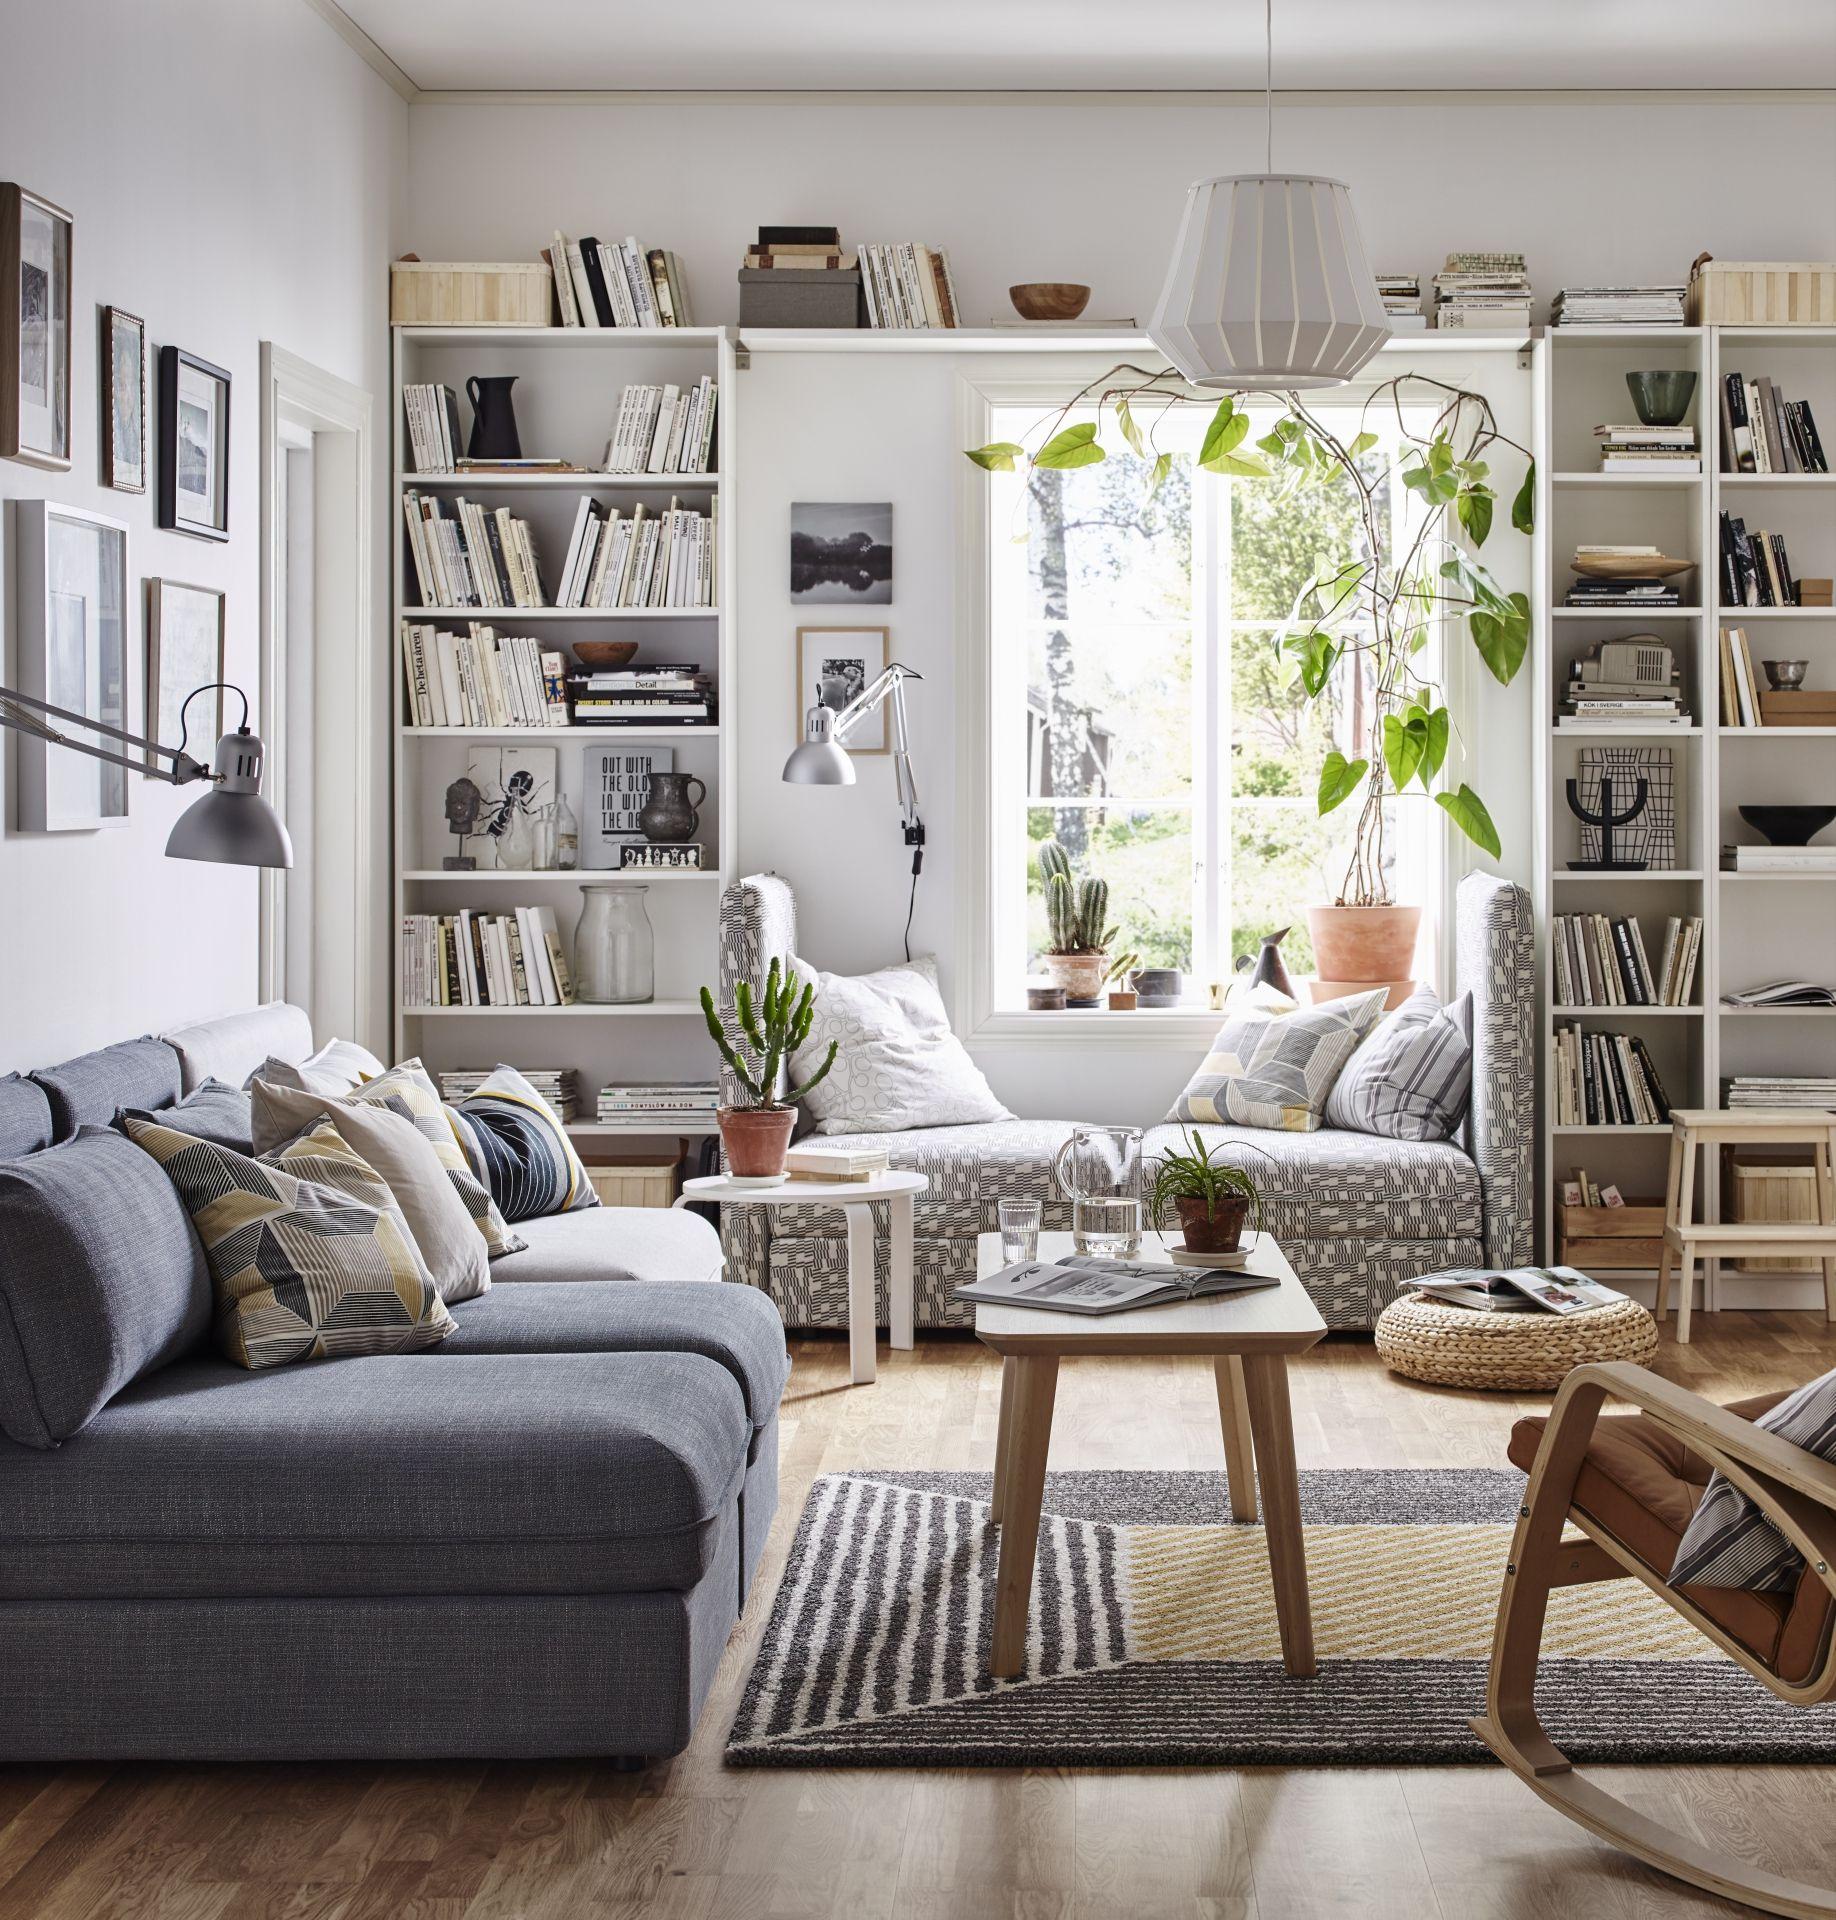 BILLY boekenkast | IKEA IKEAnederland inspiratie wooninspiratie woonkamer  kast opberger boeken. Ikea CatalogueLiving Room ...